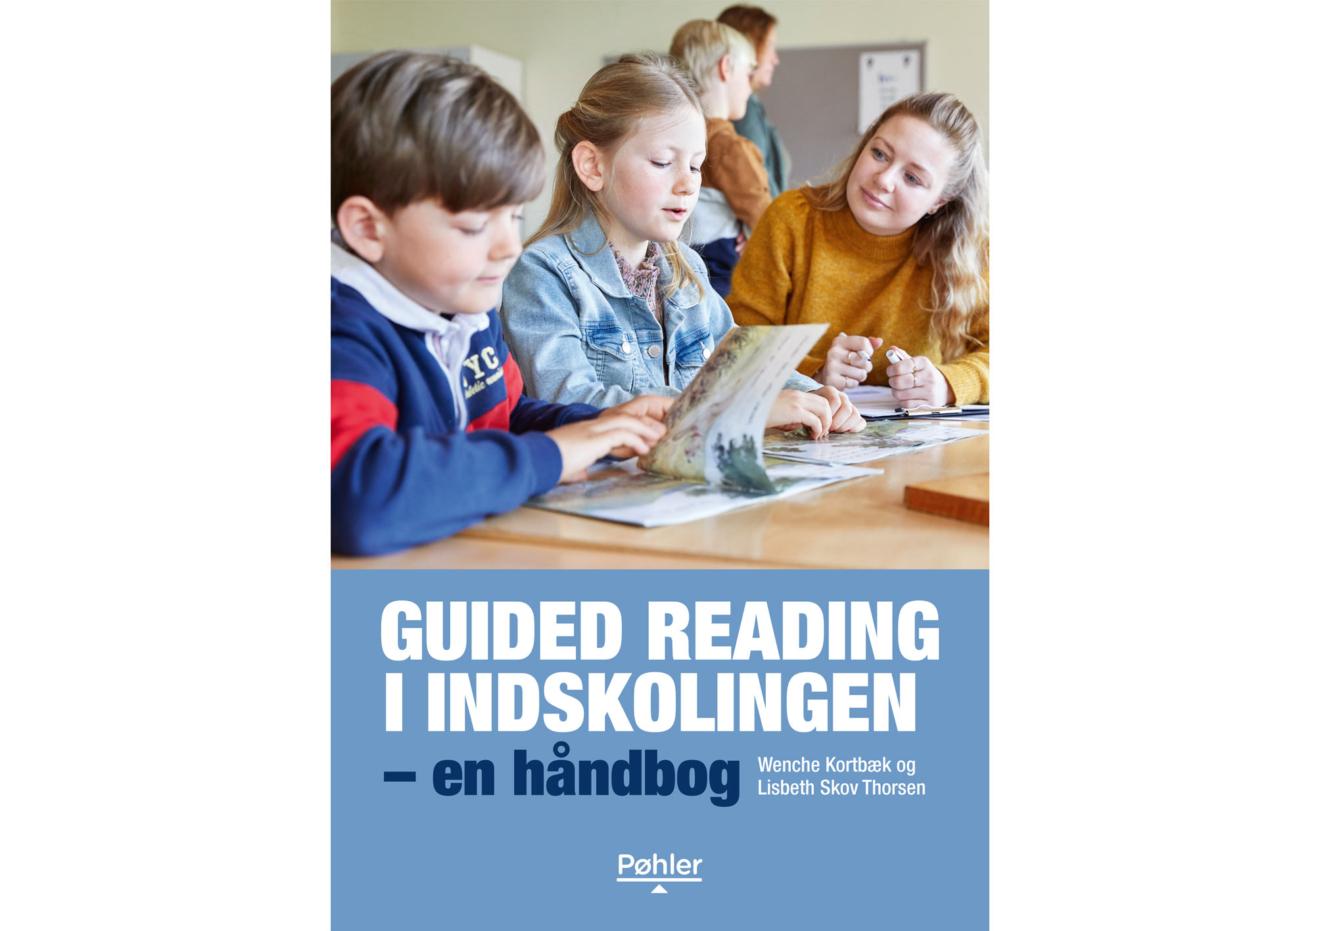 Guided_reading_forside